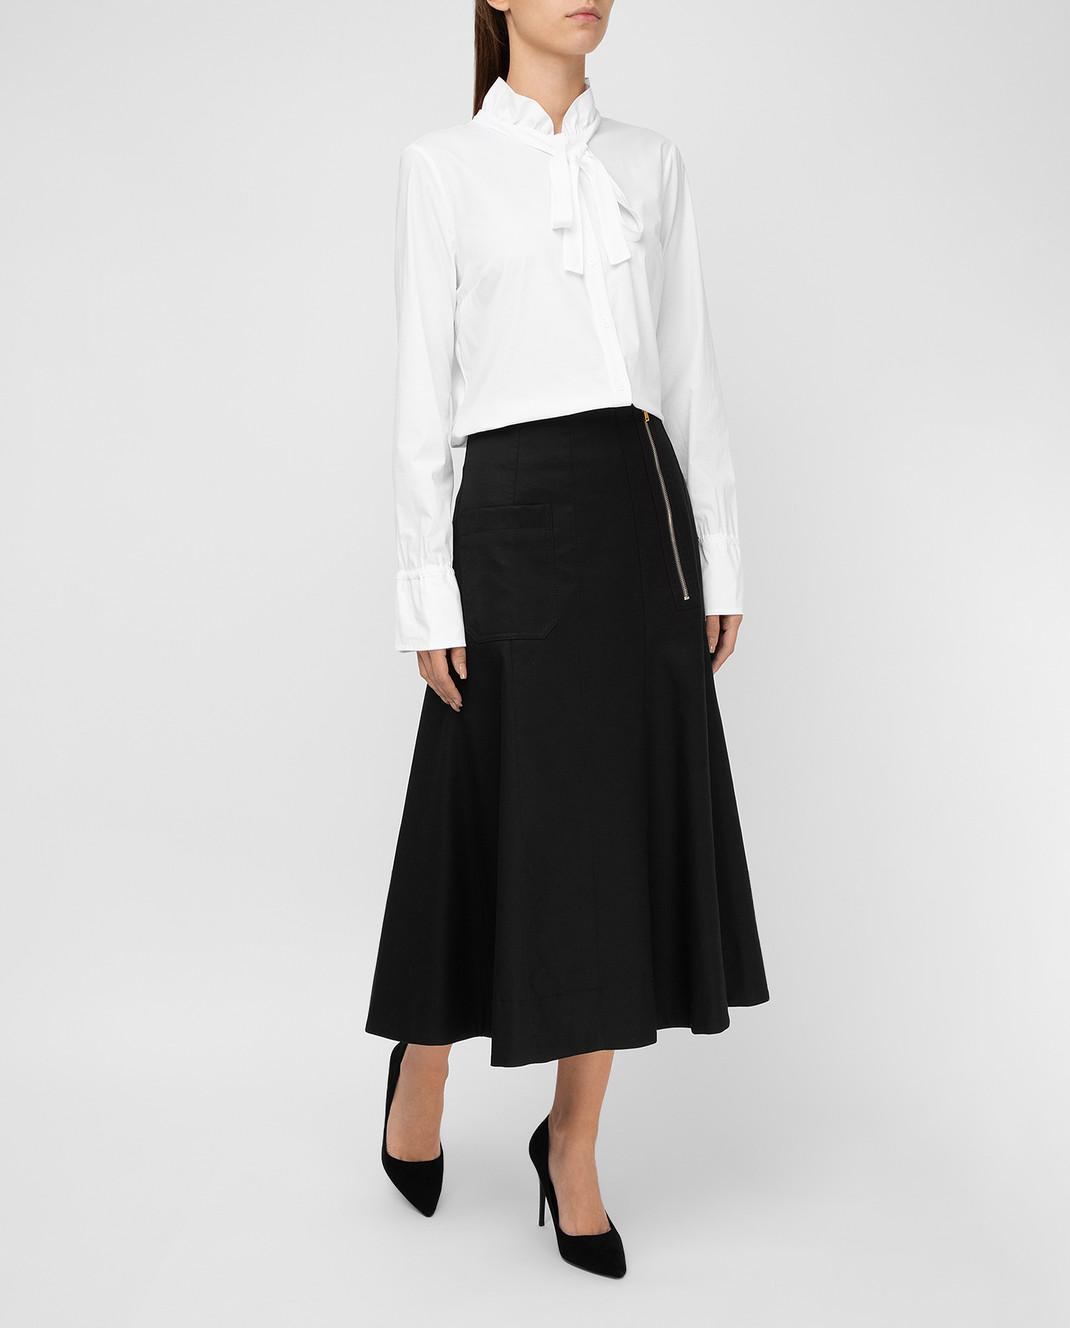 Balenciaga Черная юбка 426418 изображение 2